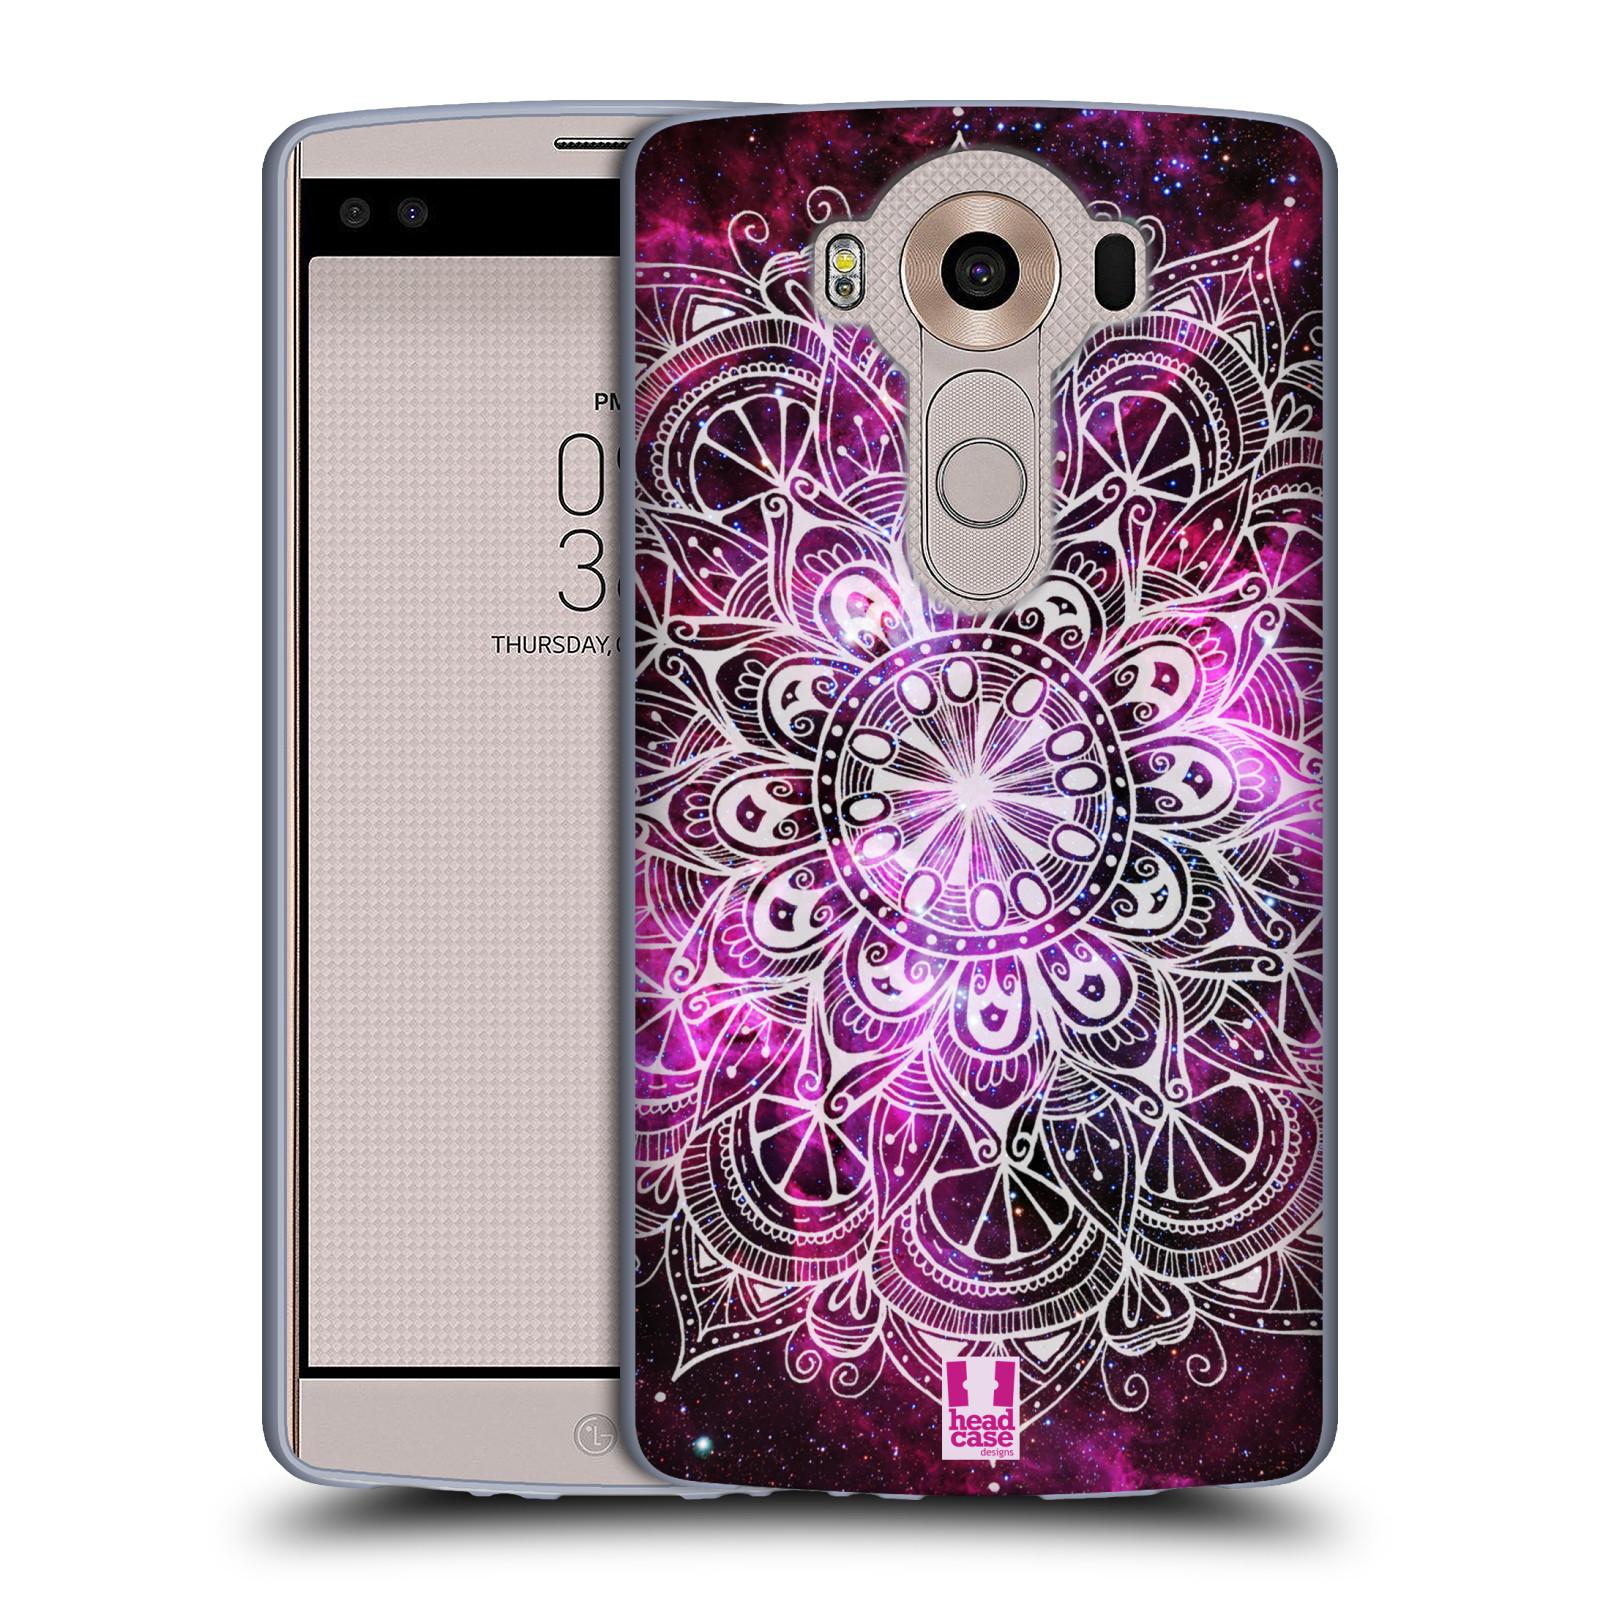 HEAD CASE silikonový obal na mobil LG V10 (H960A) vzor Indie Mandala slunce barevná FIALOVÁ MLHOVINA